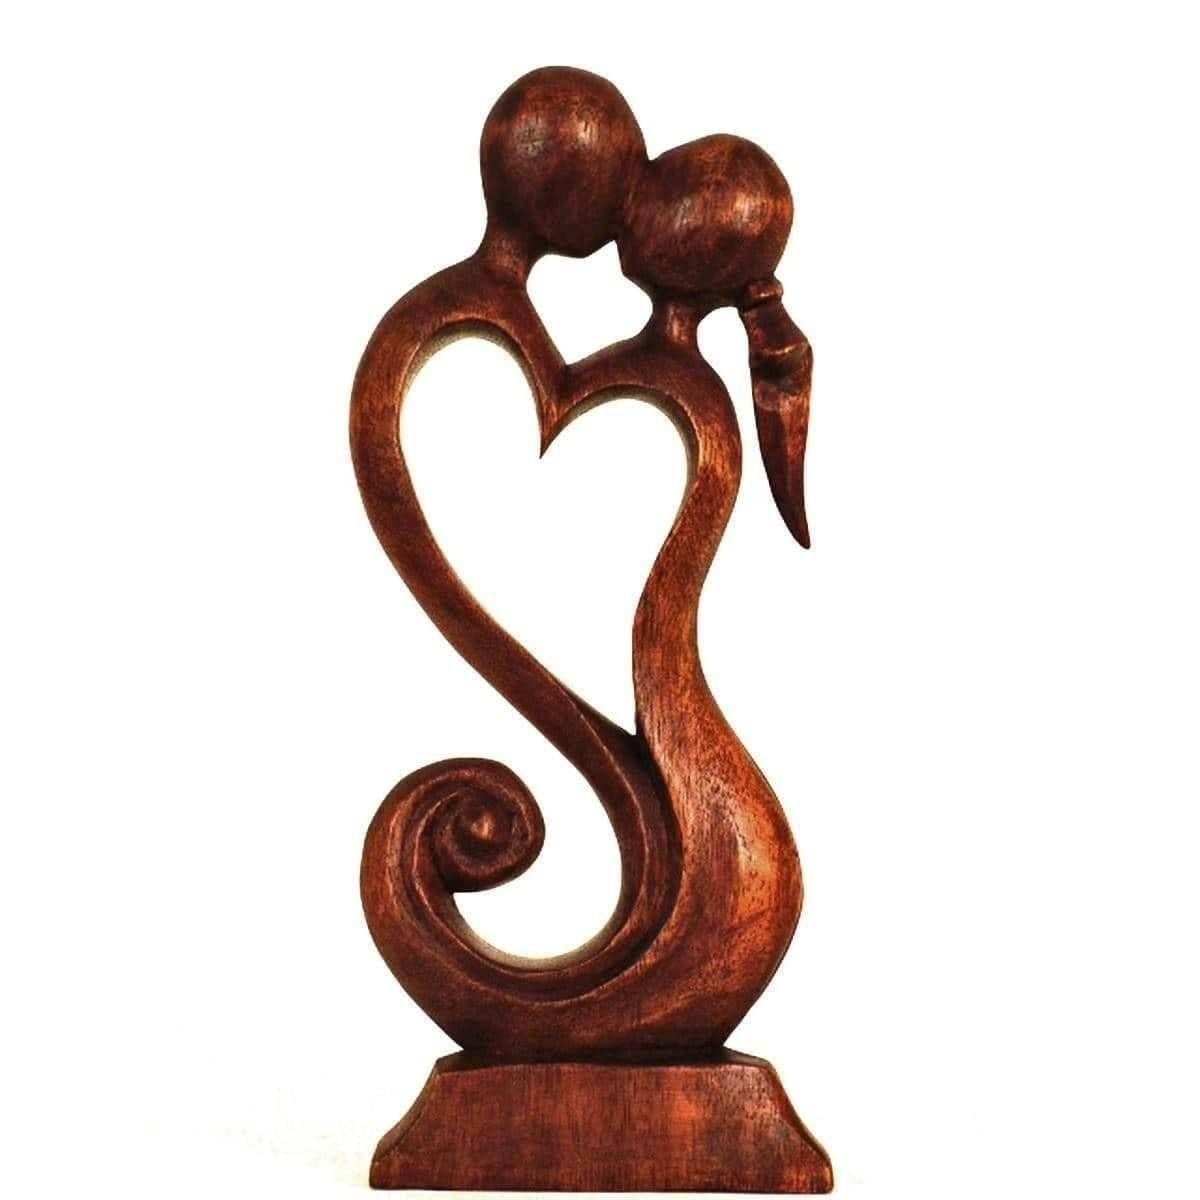 holz figur skulptur abstrakt holzfigur afrika asien deko fruchtbarkeit, Wohnzimmer dekoo